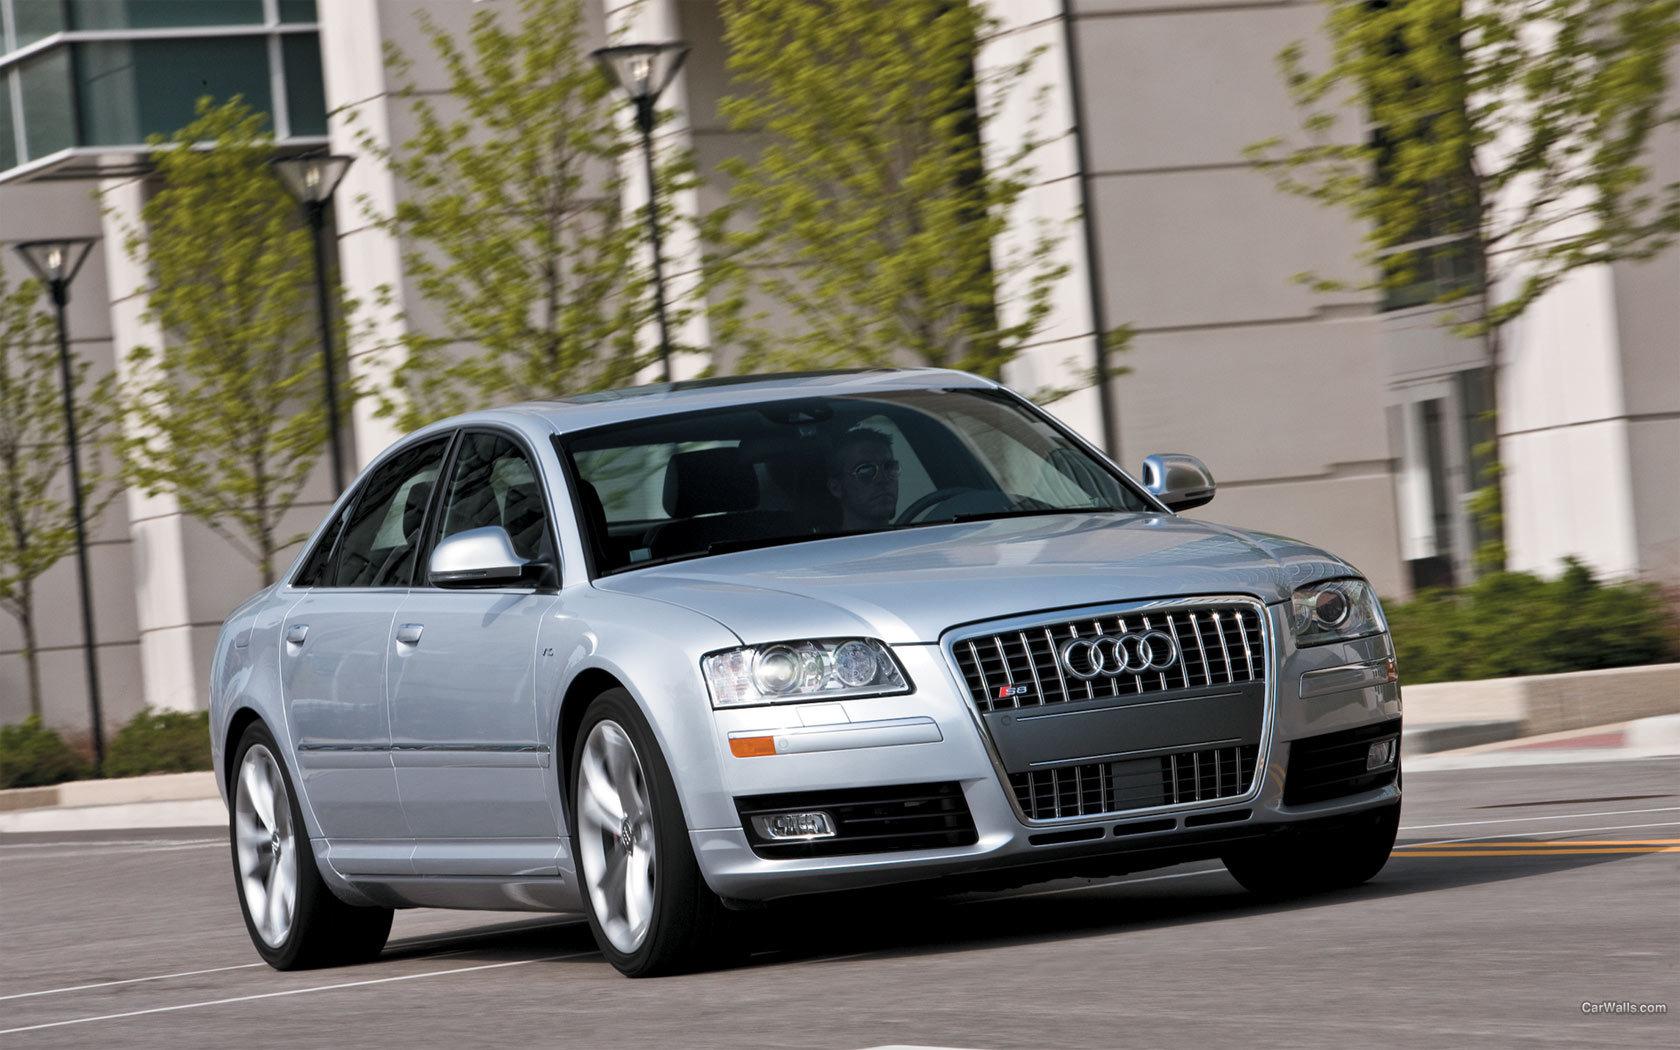 10435 скачать обои Транспорт, Машины, Ауди (Audi) - заставки и картинки бесплатно